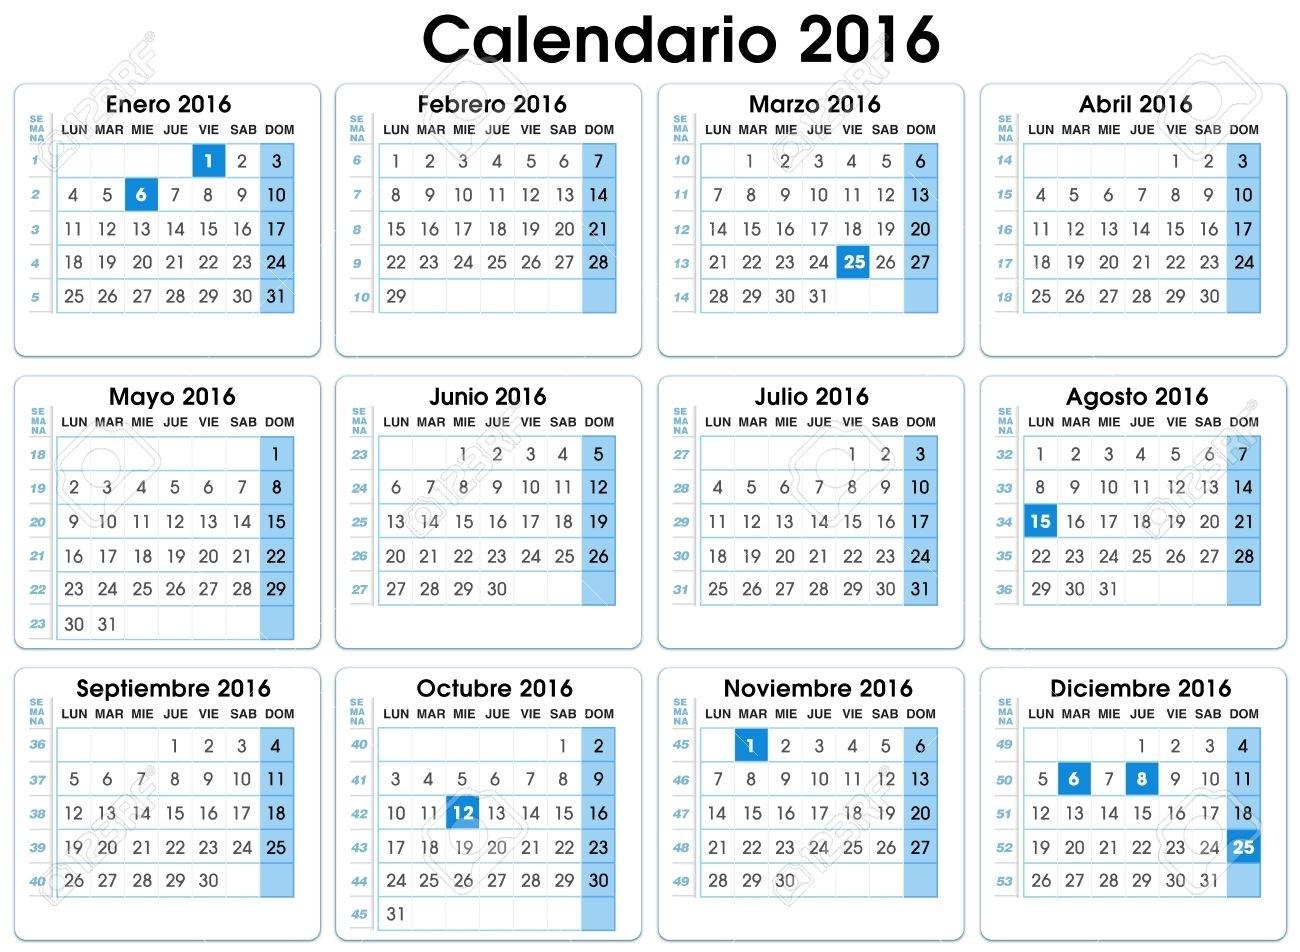 Calendario Vertical 2016 Española 12 Meses, Indicando Número De Semanas  Calendario 2016 Española Con Semana Y Fiestas